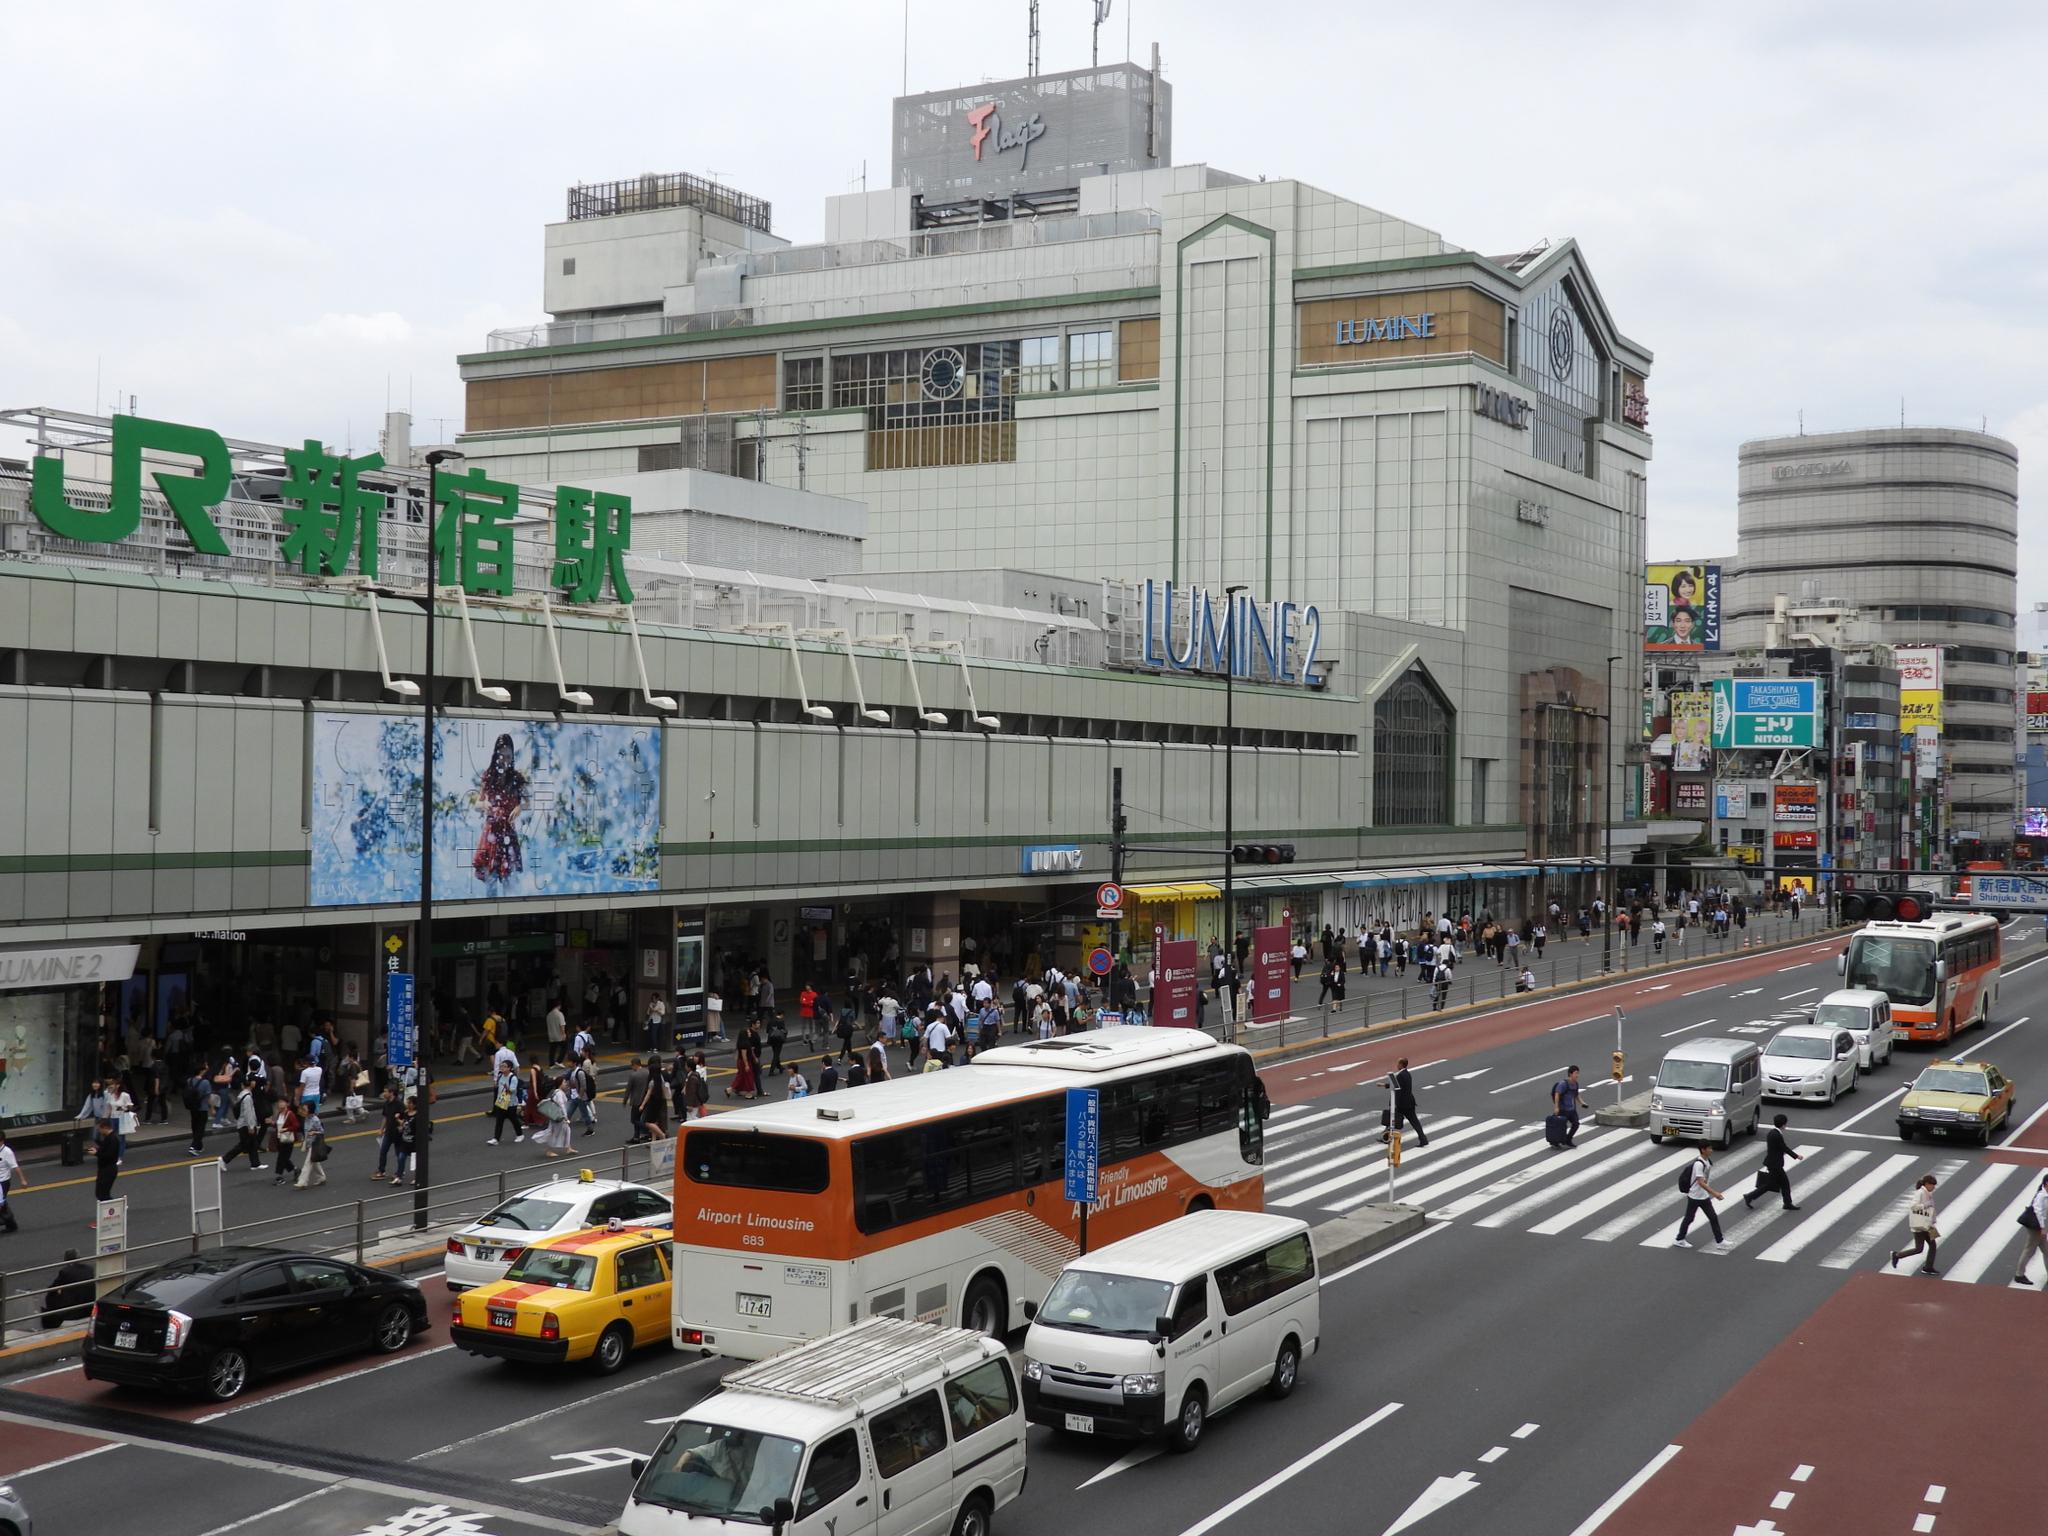 지난 7월 5일 일본 도쿄 중심가 신주쿠 역. 보행자나 차량 통행이 많았지만 공기는 깨끗했다. 강찬수 기자